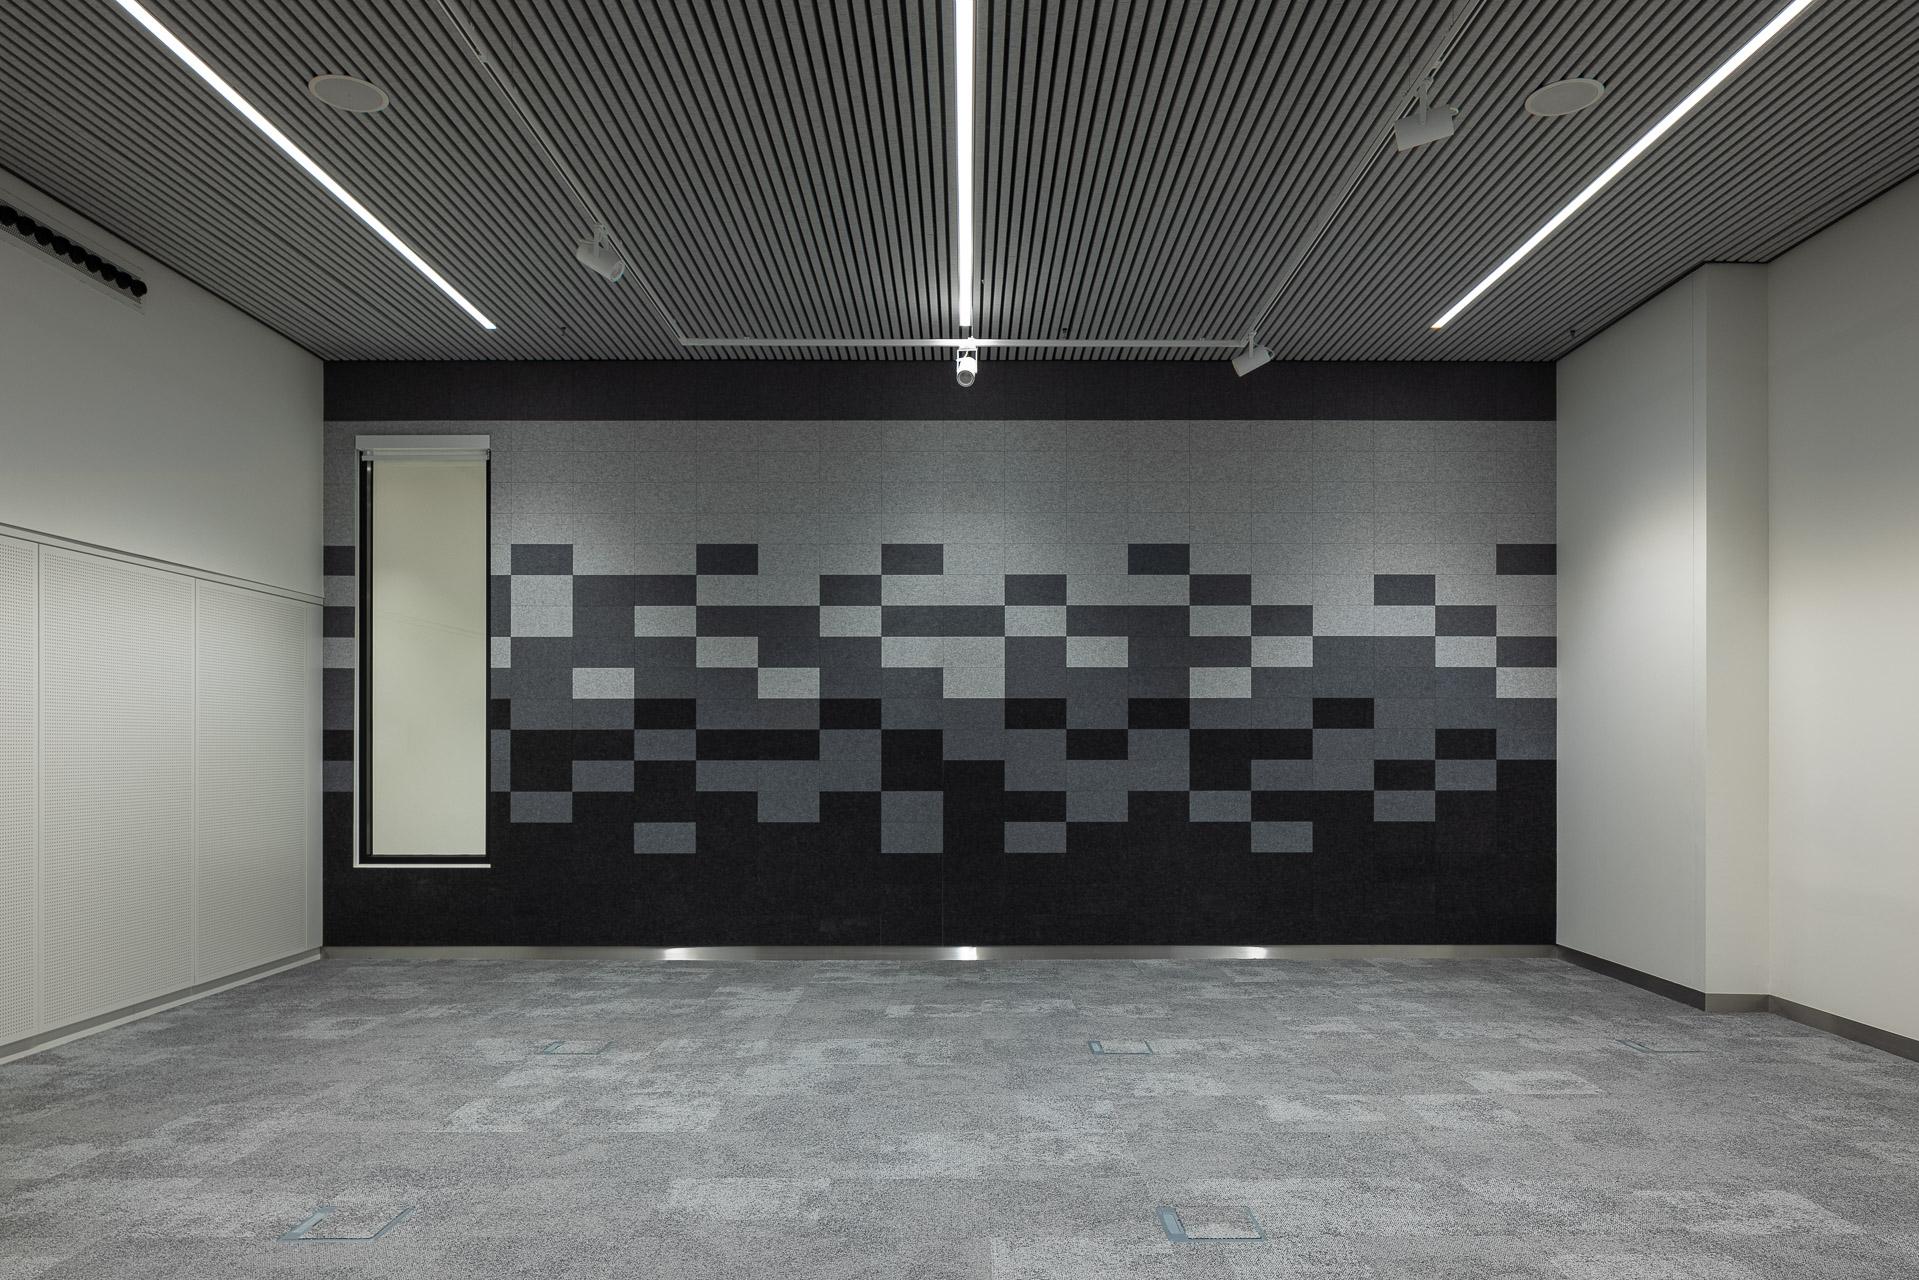 SP2020-Rotterdam-Ahoy-Convention-Centre-Interieur-12-Architectuur-fotografie